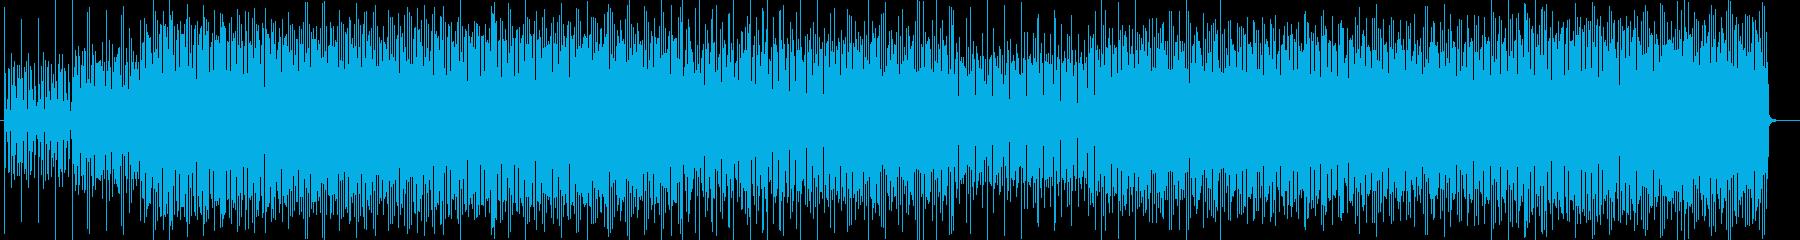 ファンキーなシンセサイザーサウンドの再生済みの波形